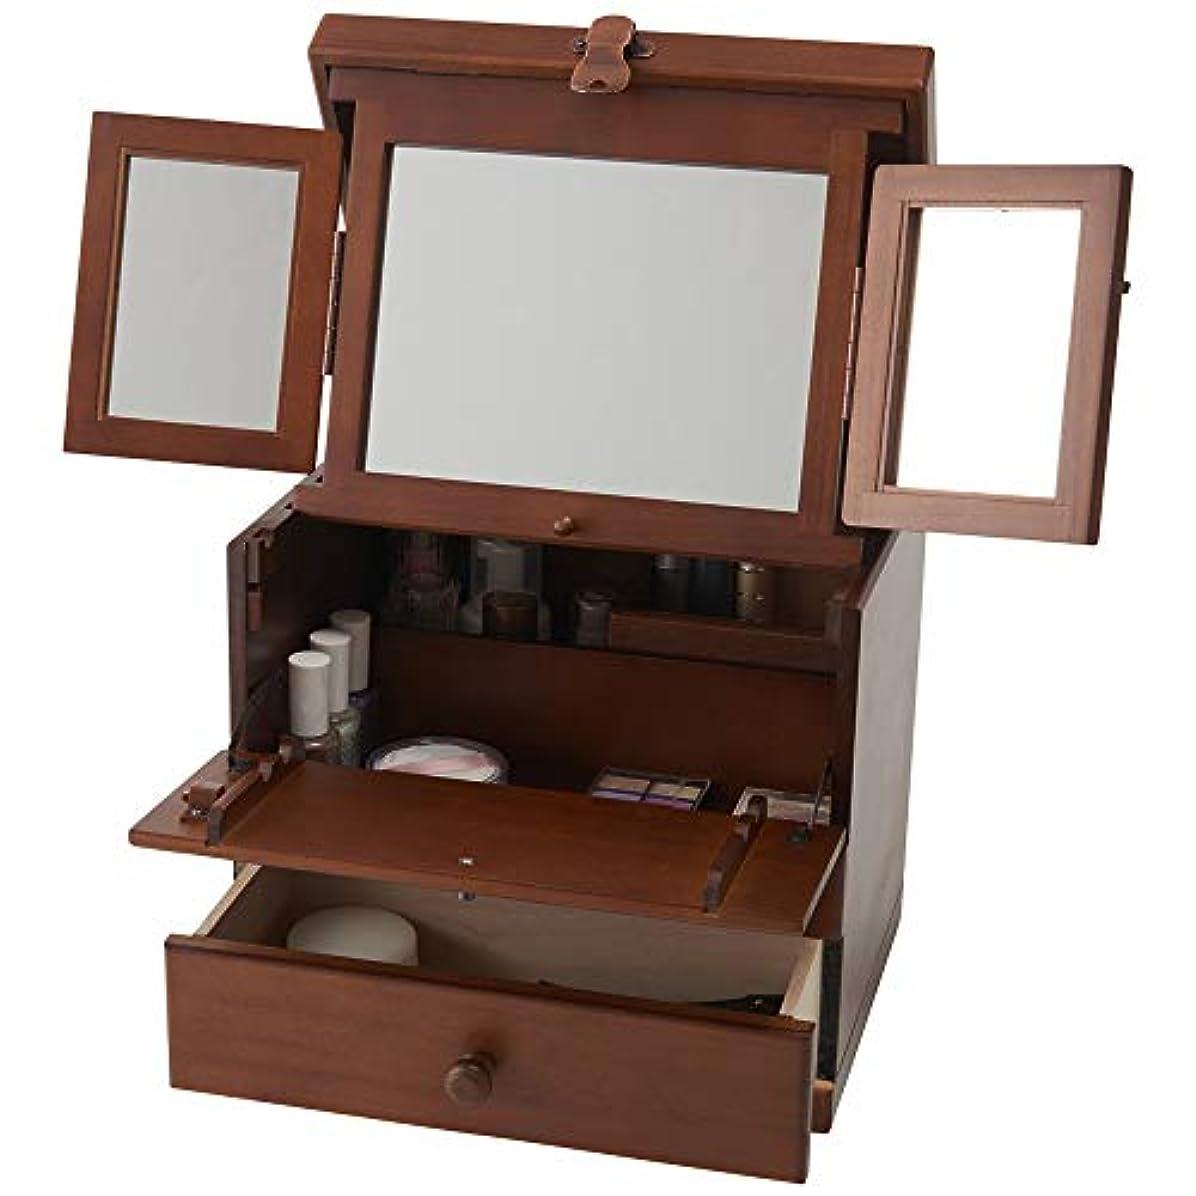 復活させる押し下げるアスリート木製コスメボックス 三面鏡 持ち運び 鏡付き 化粧ボックス メイクボックス 日本製